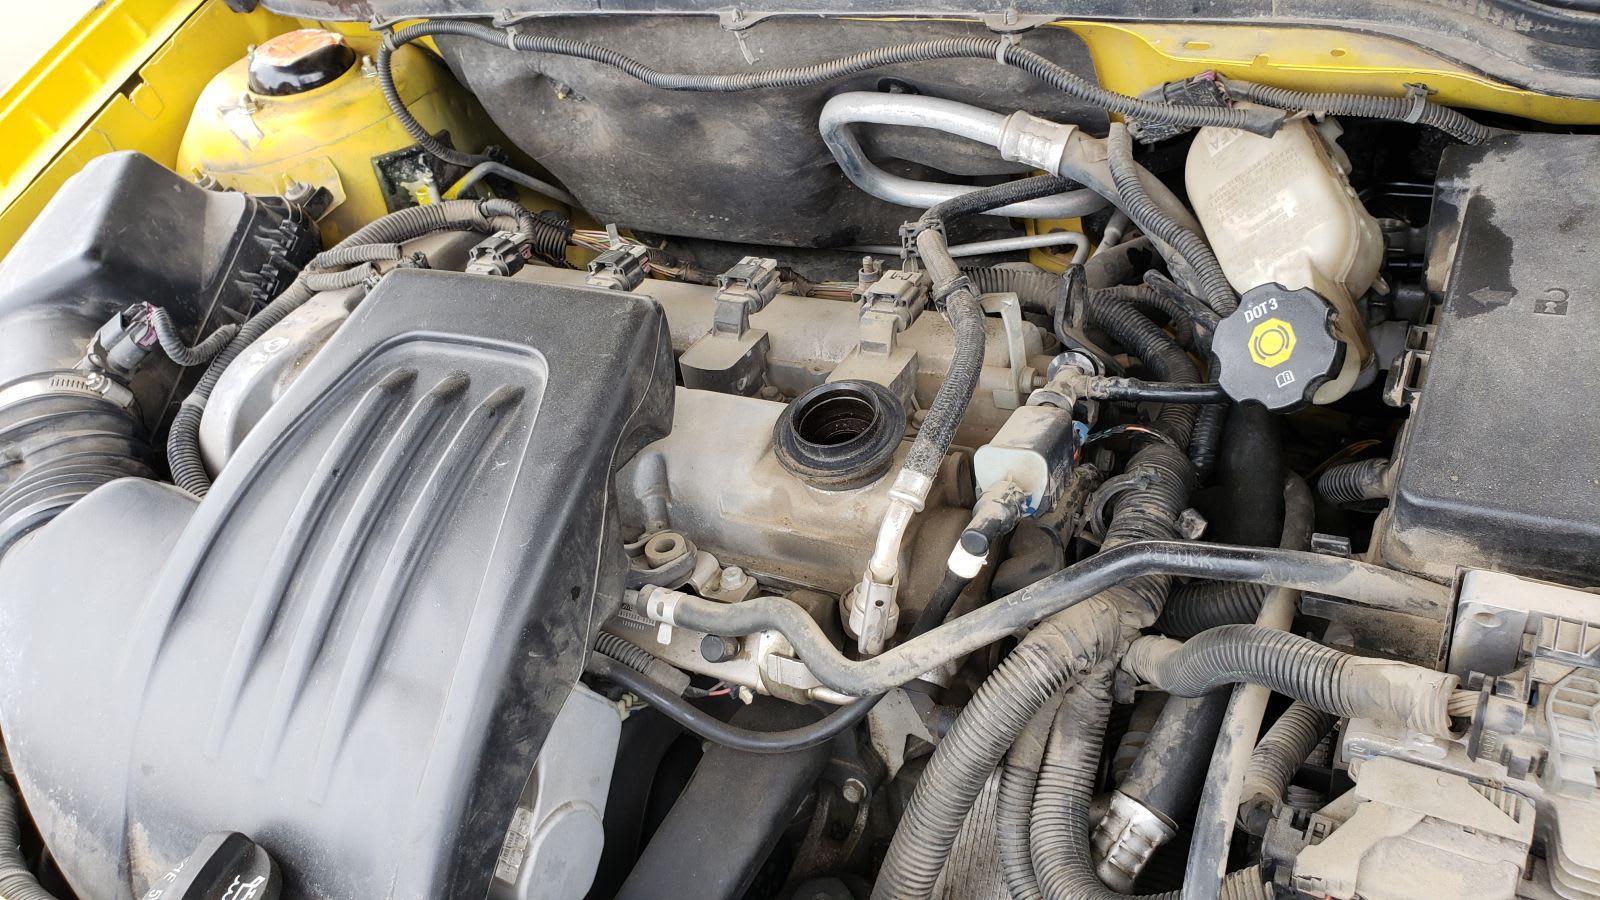 This 2006 Chevrolet Cobalt SS is a junkyard gem   Autoblog